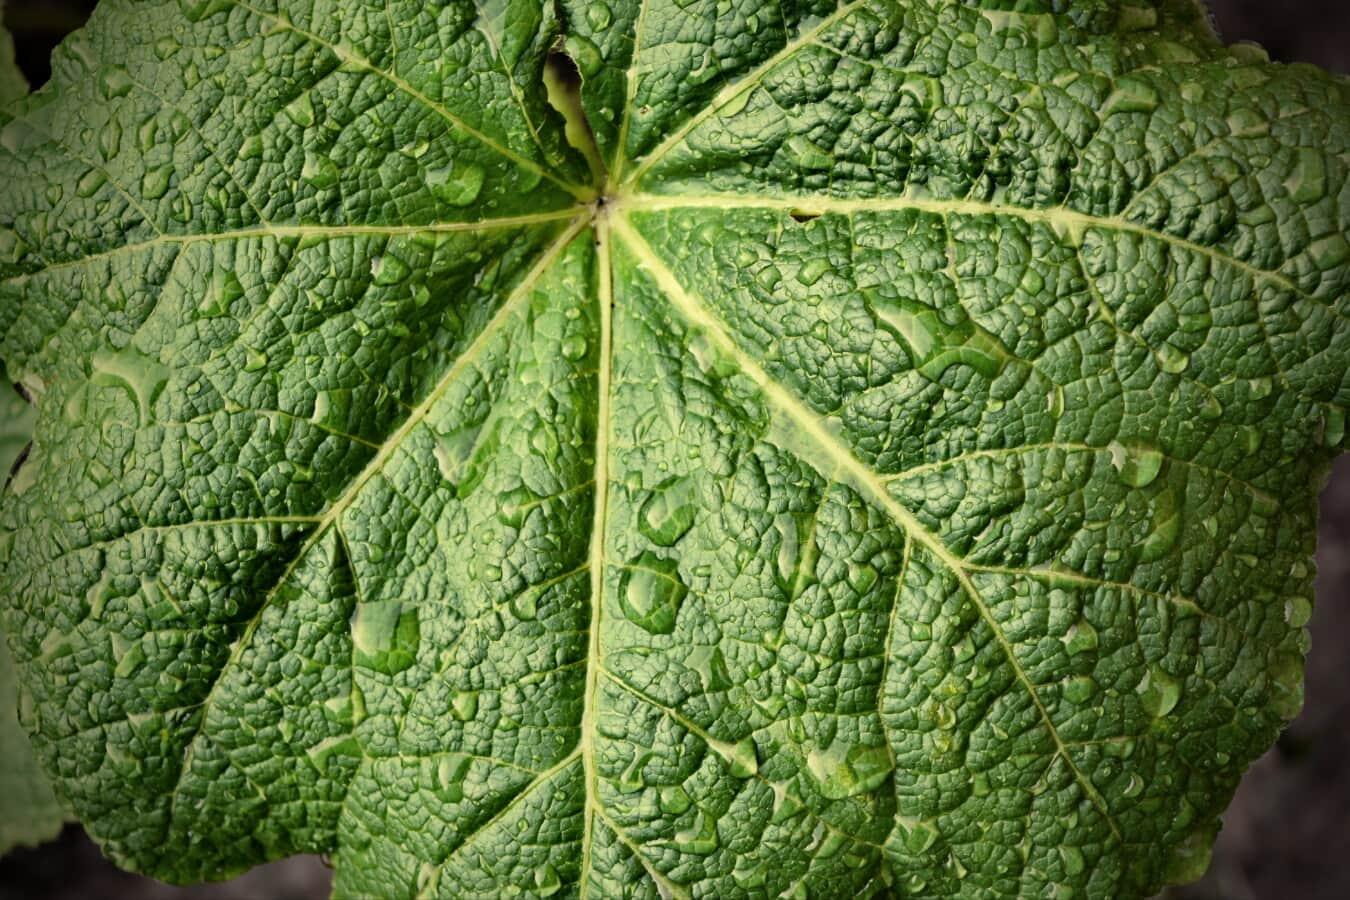 Wassertropfen, groß, Regentropfen, grünes Blatt, Frühling, Feuchtigkeit, Flüssigkeit, Botanik, Flora, Natur